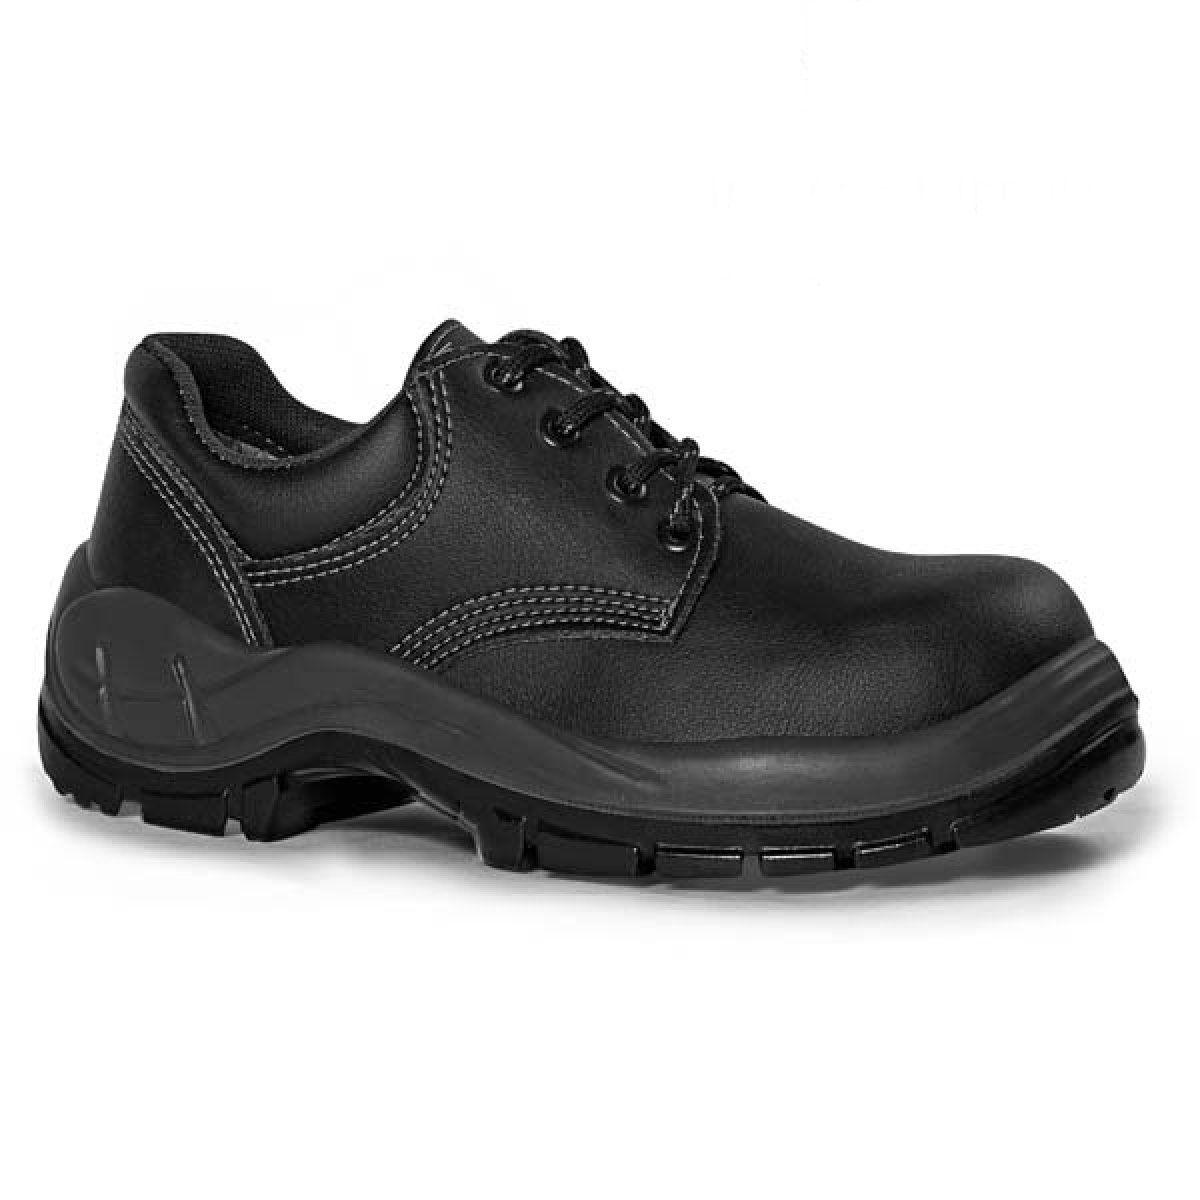 Sapato c/ Cadarço Bidensidade c/ Bico de Aço Preto N°36 - BRACOL